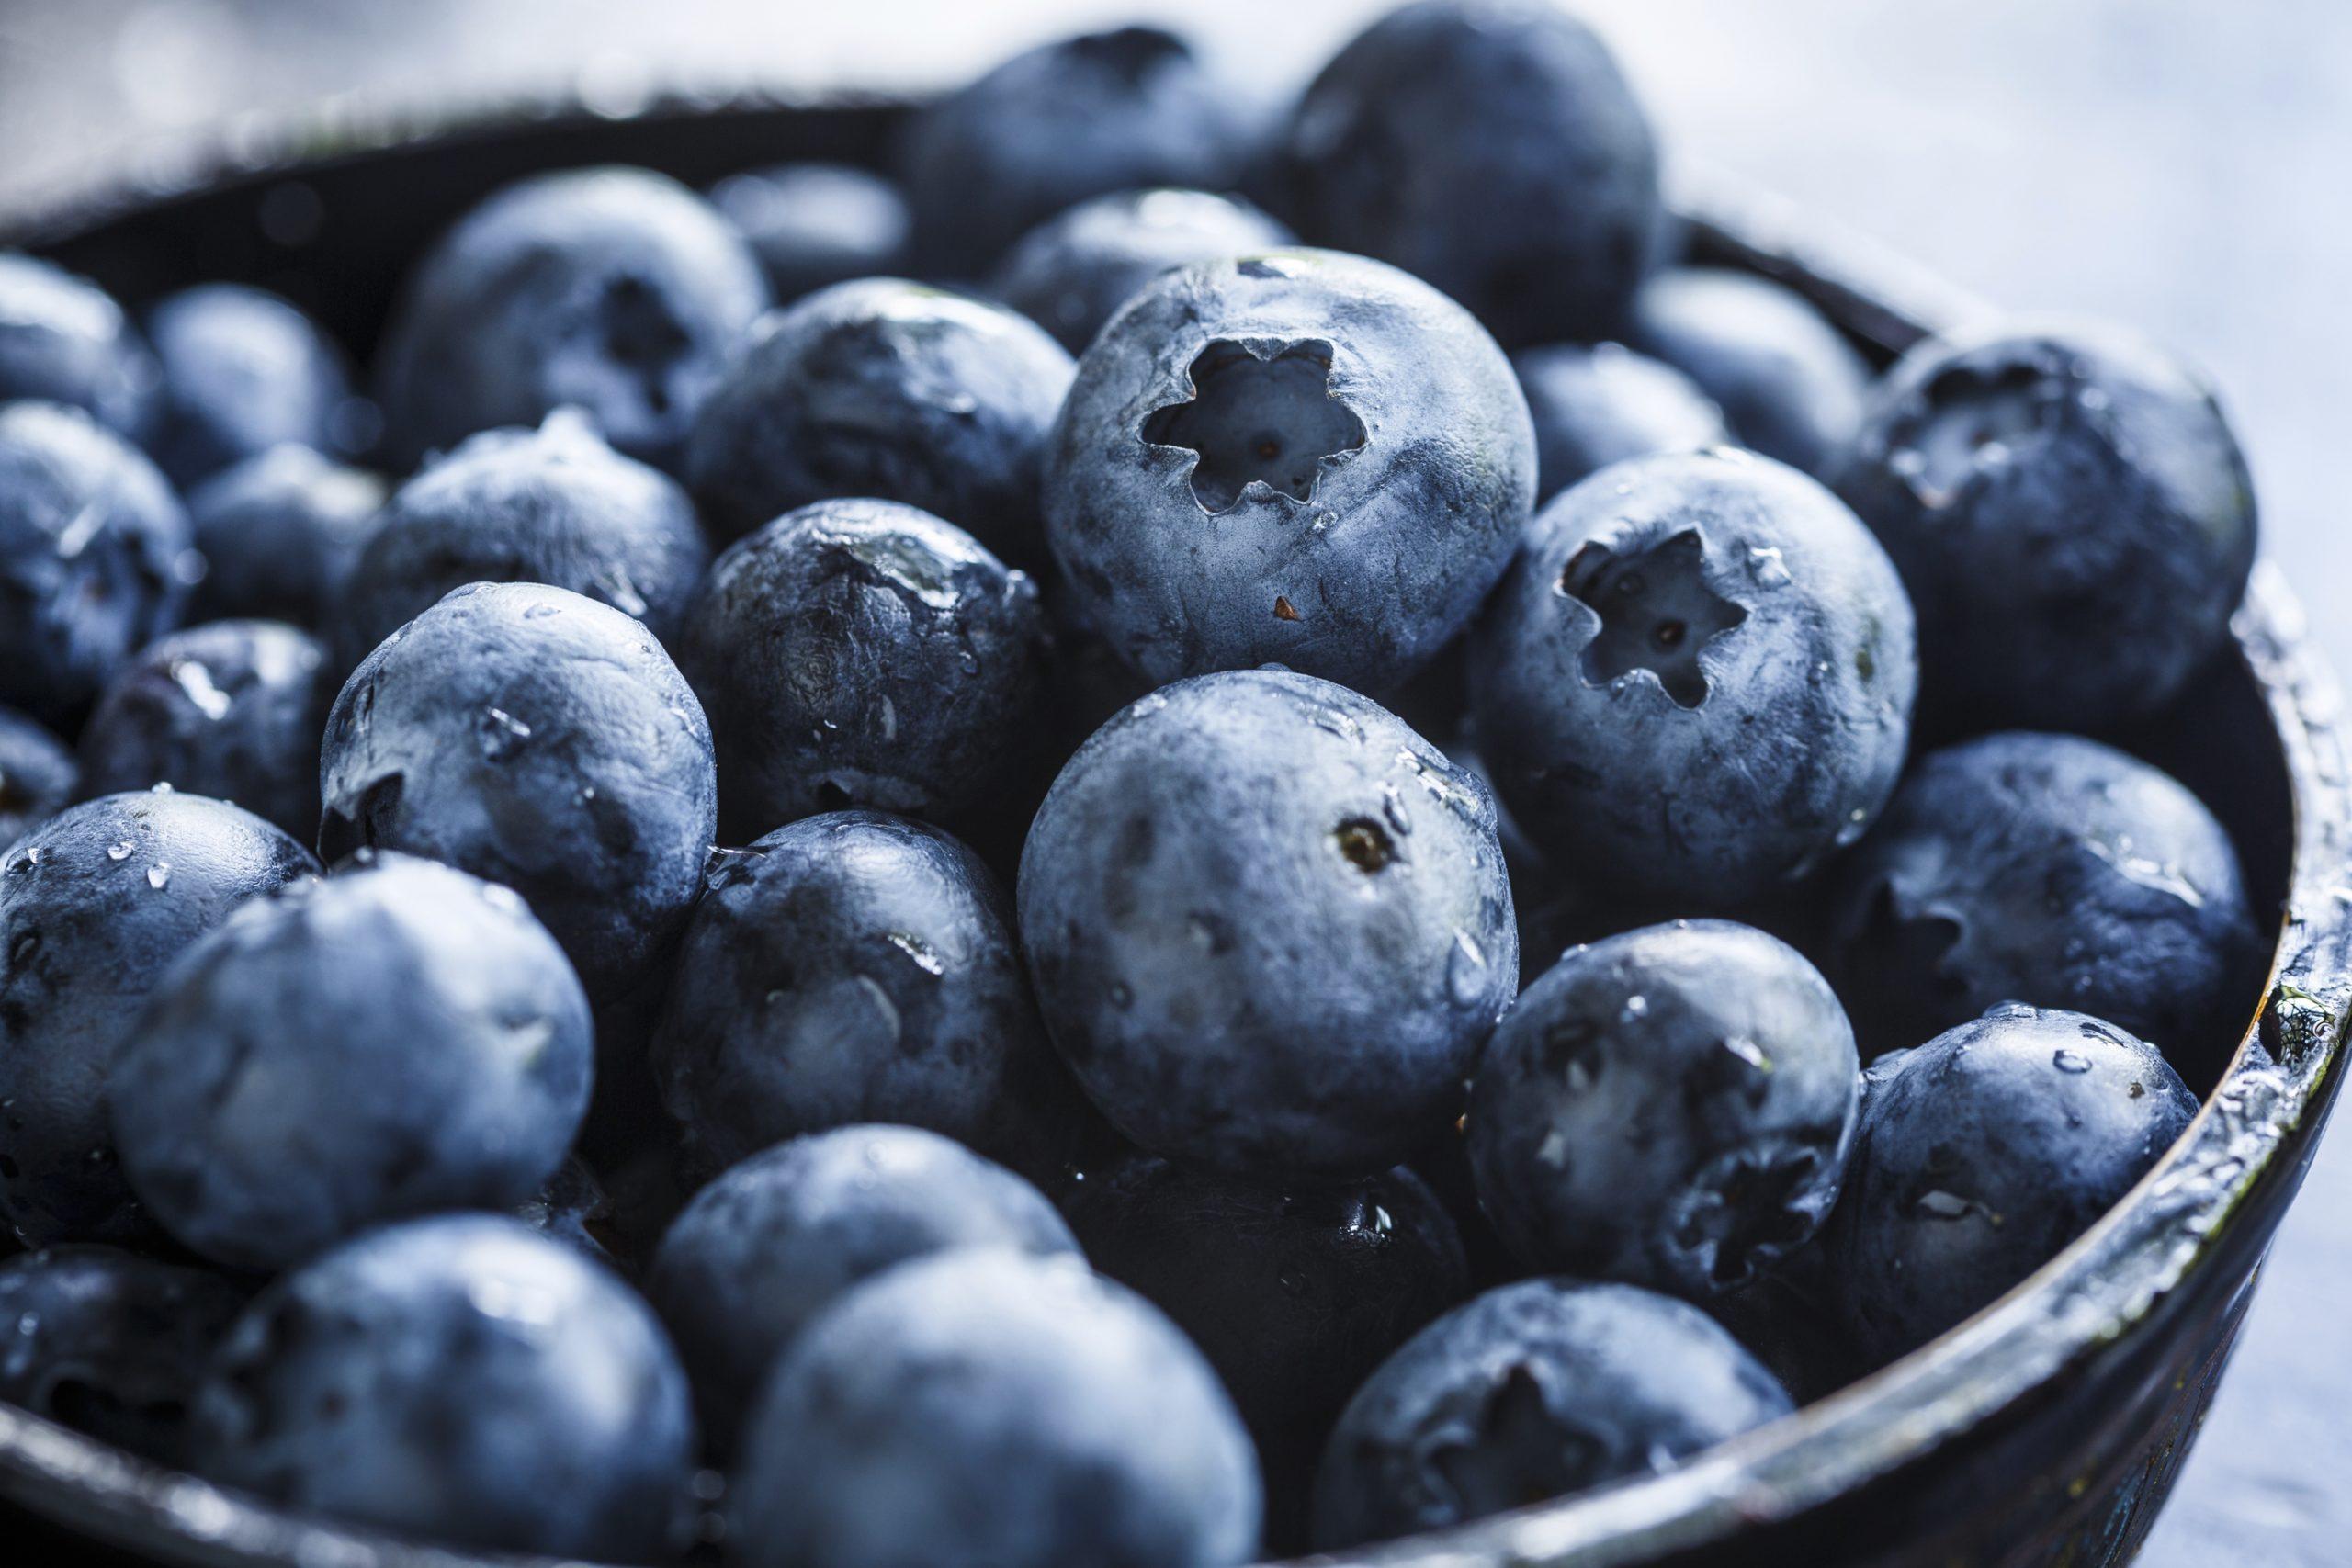 Blueberries for Ann